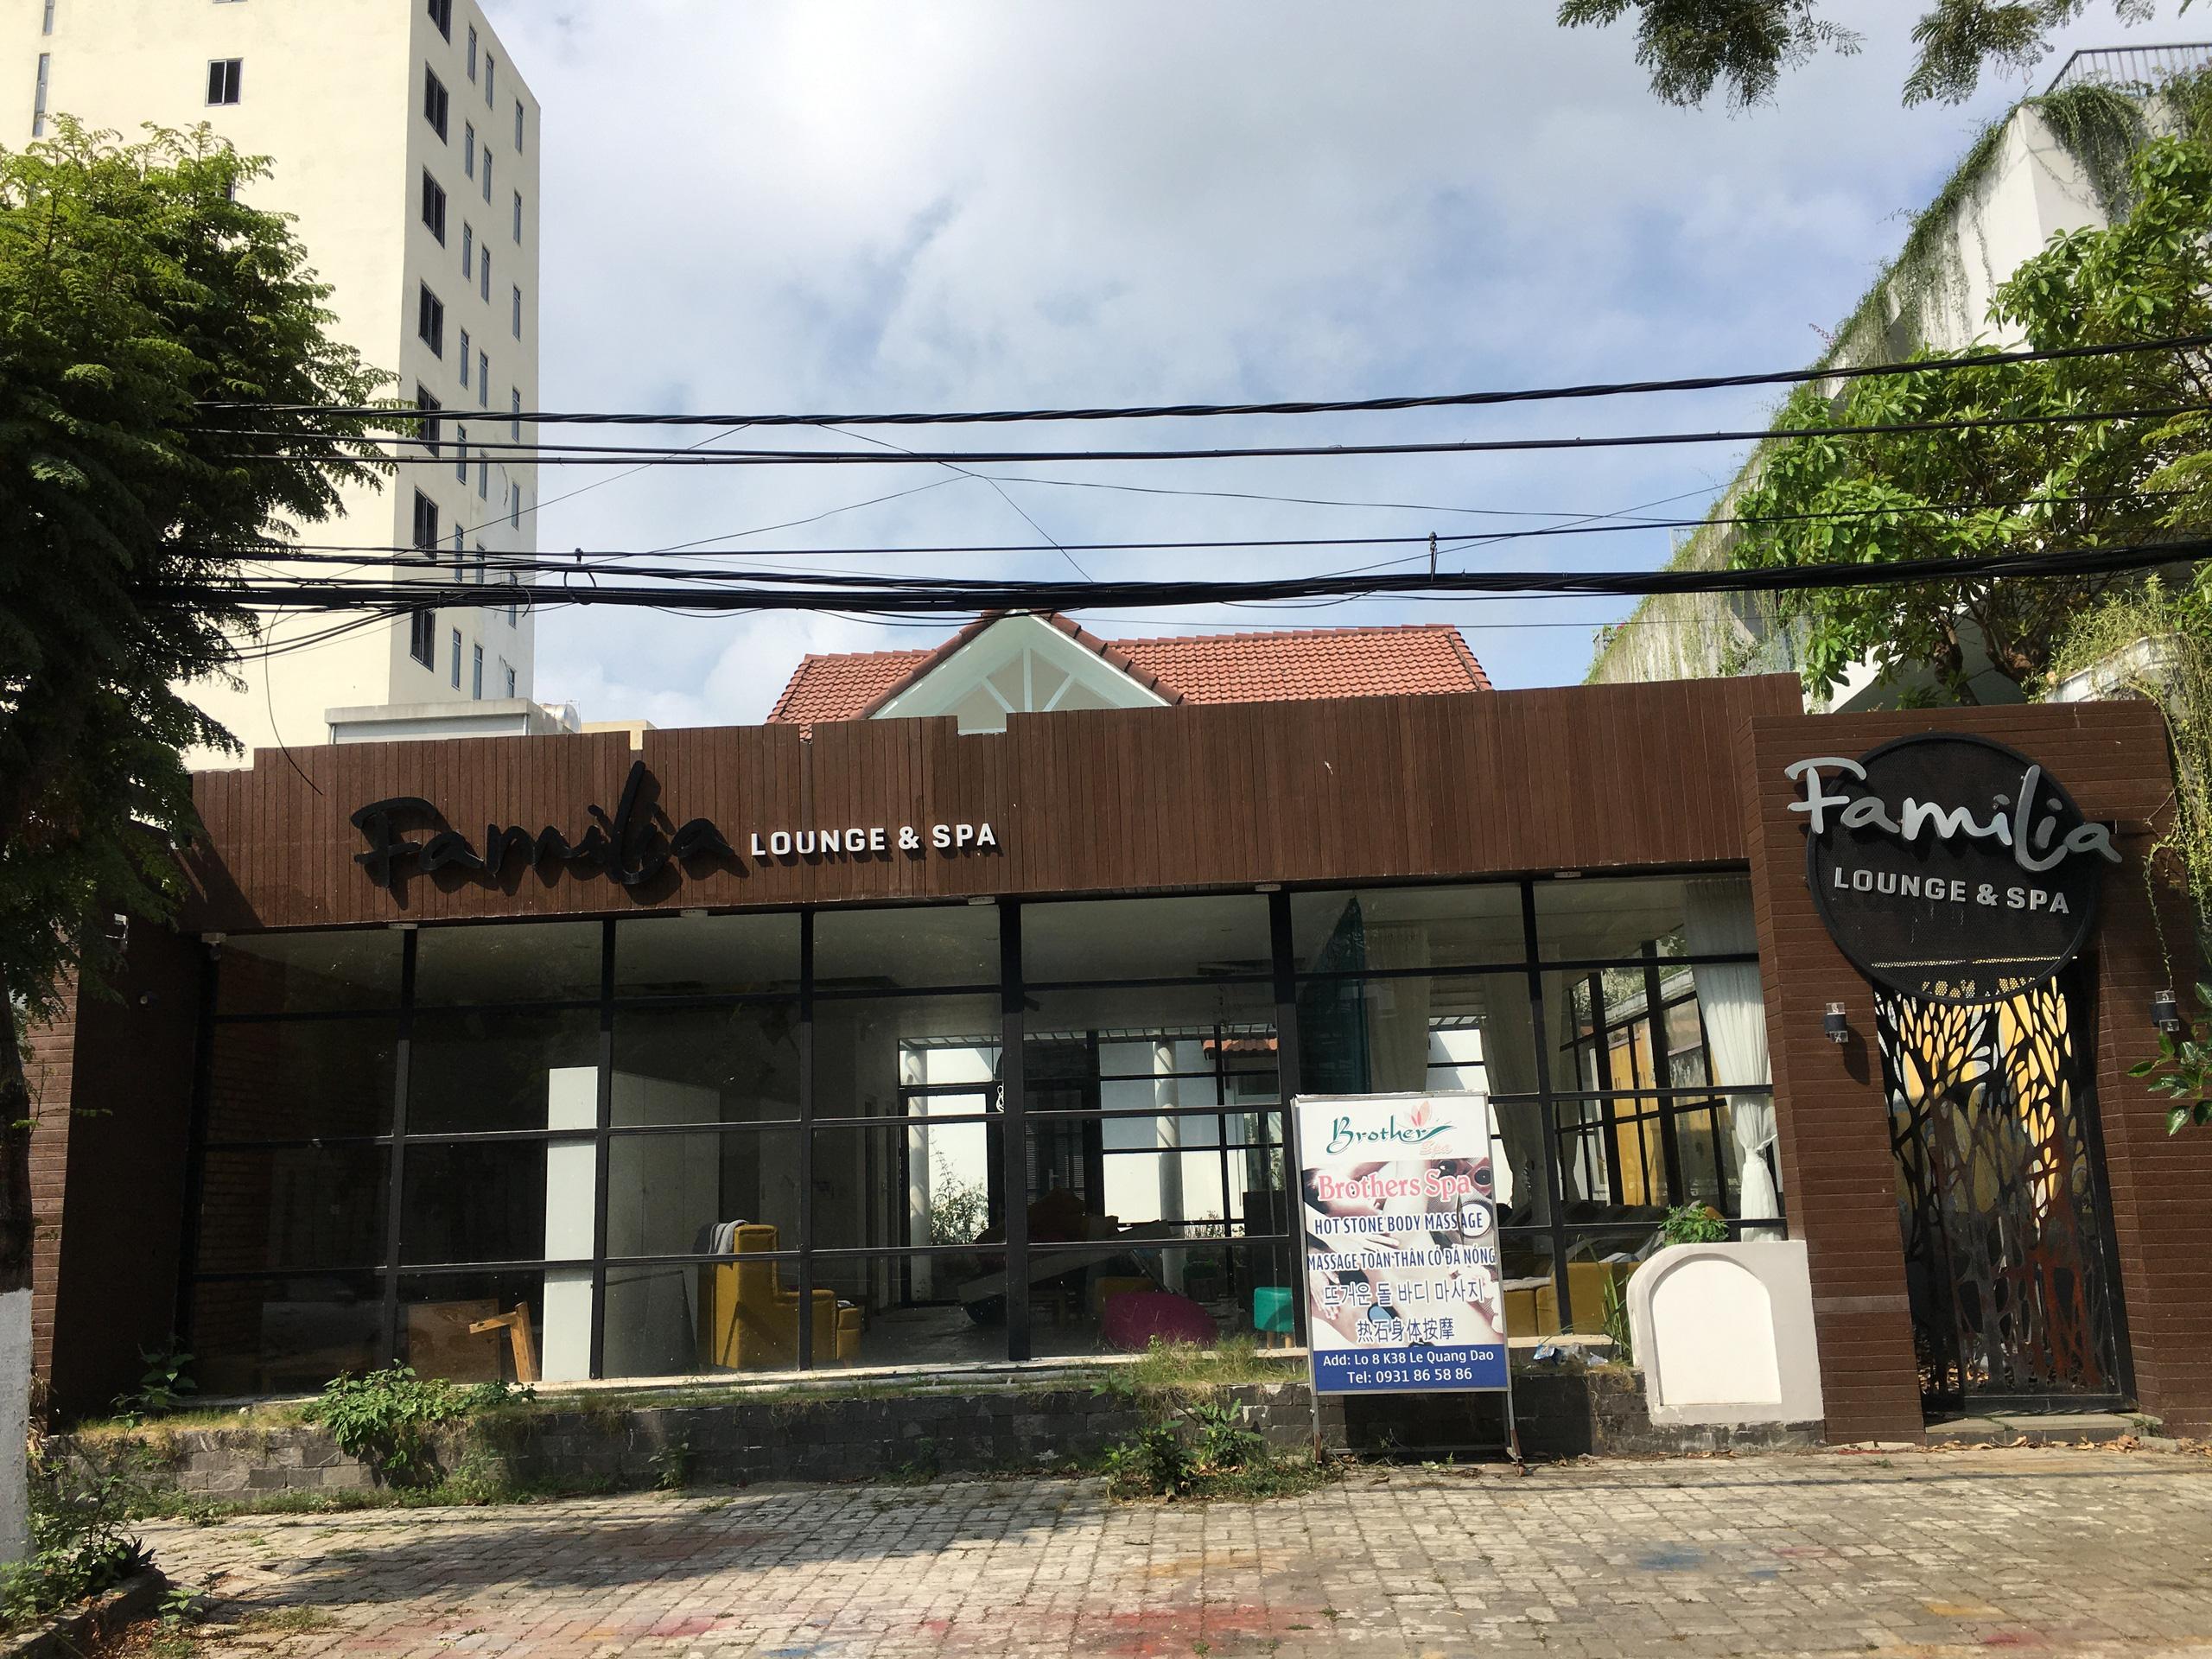 Rao bán nhà ồ ạt ở phố Tây Đà Nẵng, thấp nhất 110 triệu/m2 - Ảnh 15.